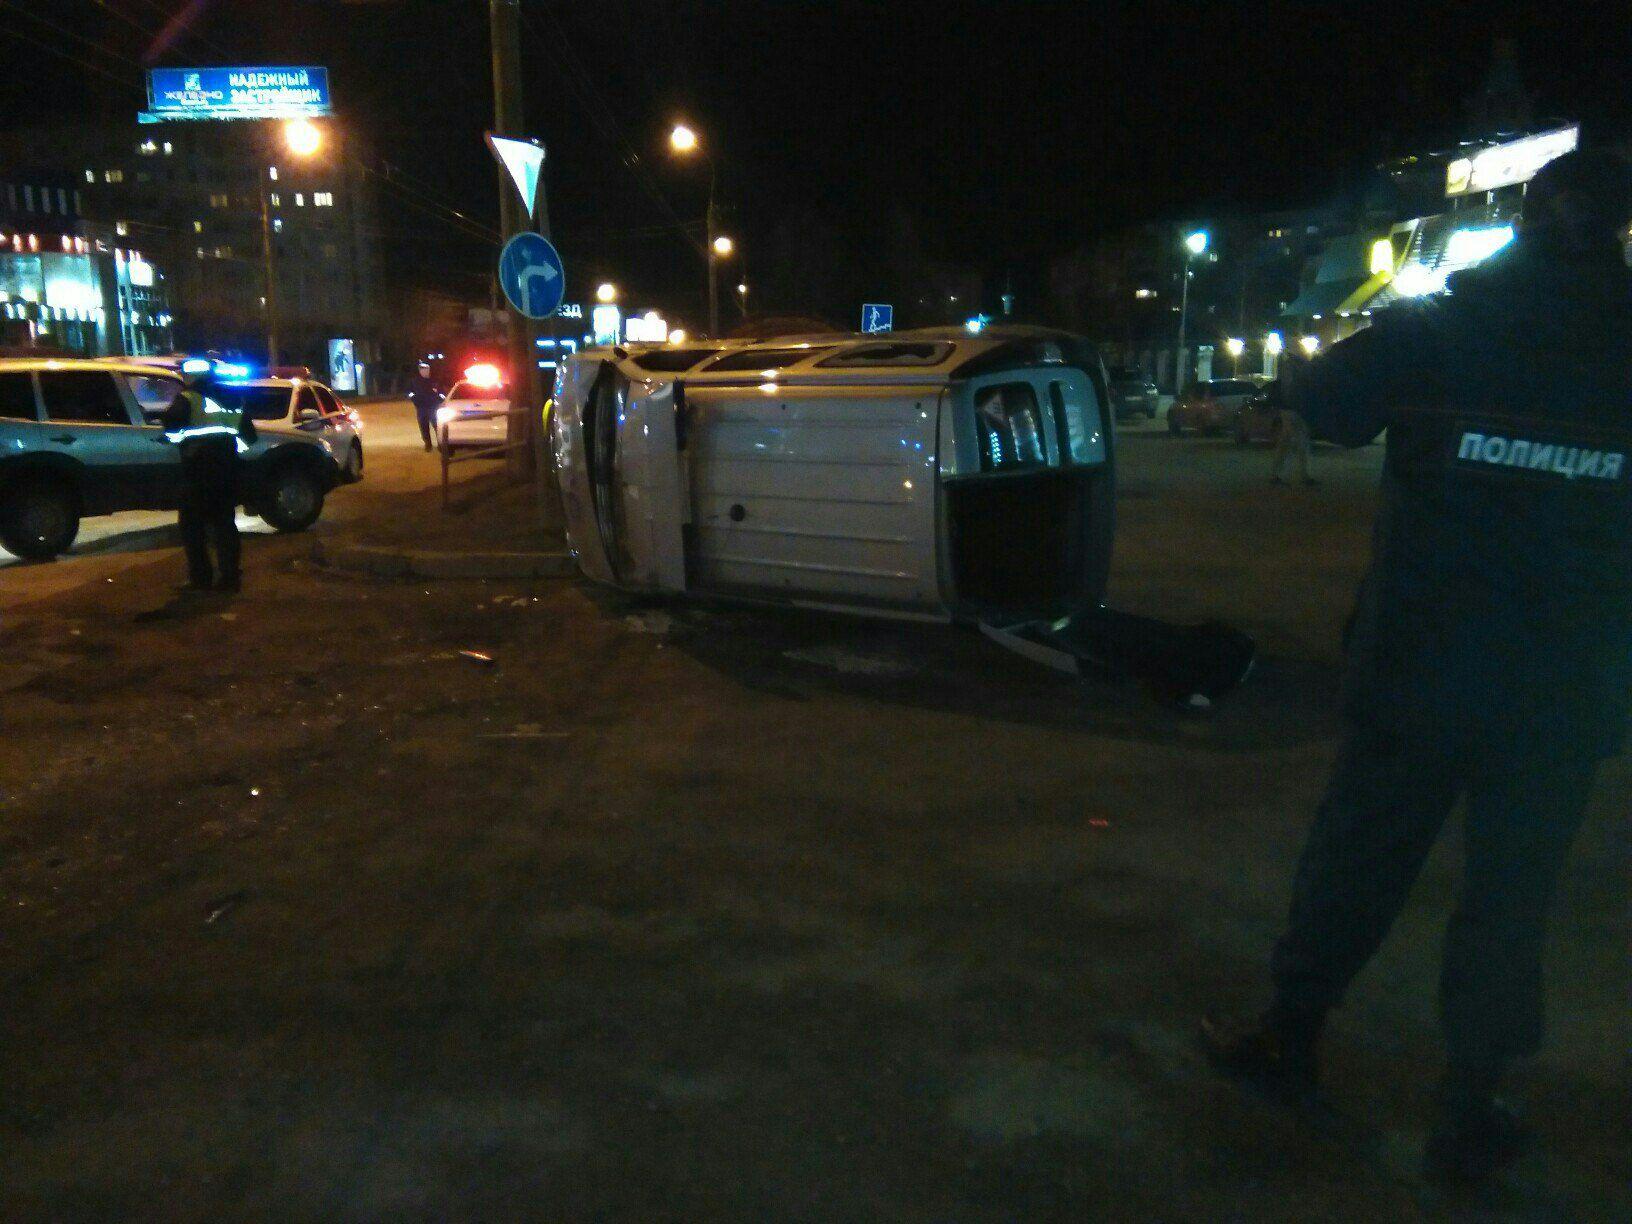 Вюго-западном районе Кирова перевернулась машина ДПС